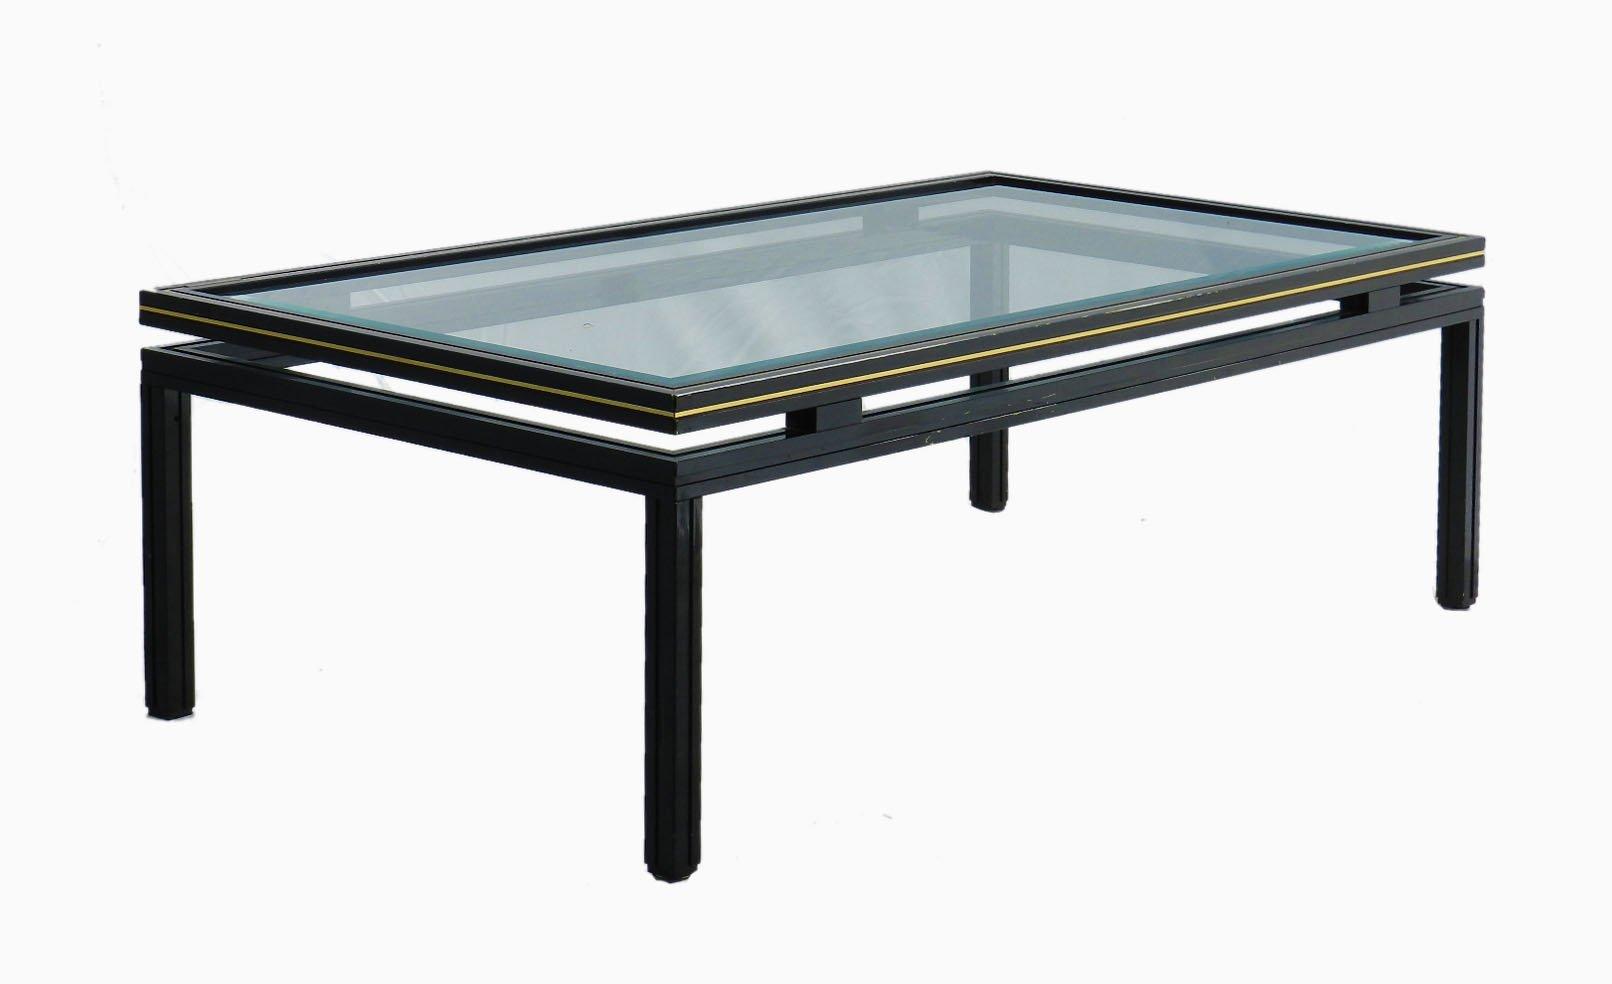 table basse vintage en laiton chrome par pierre vandel en vente sur pamono. Black Bedroom Furniture Sets. Home Design Ideas